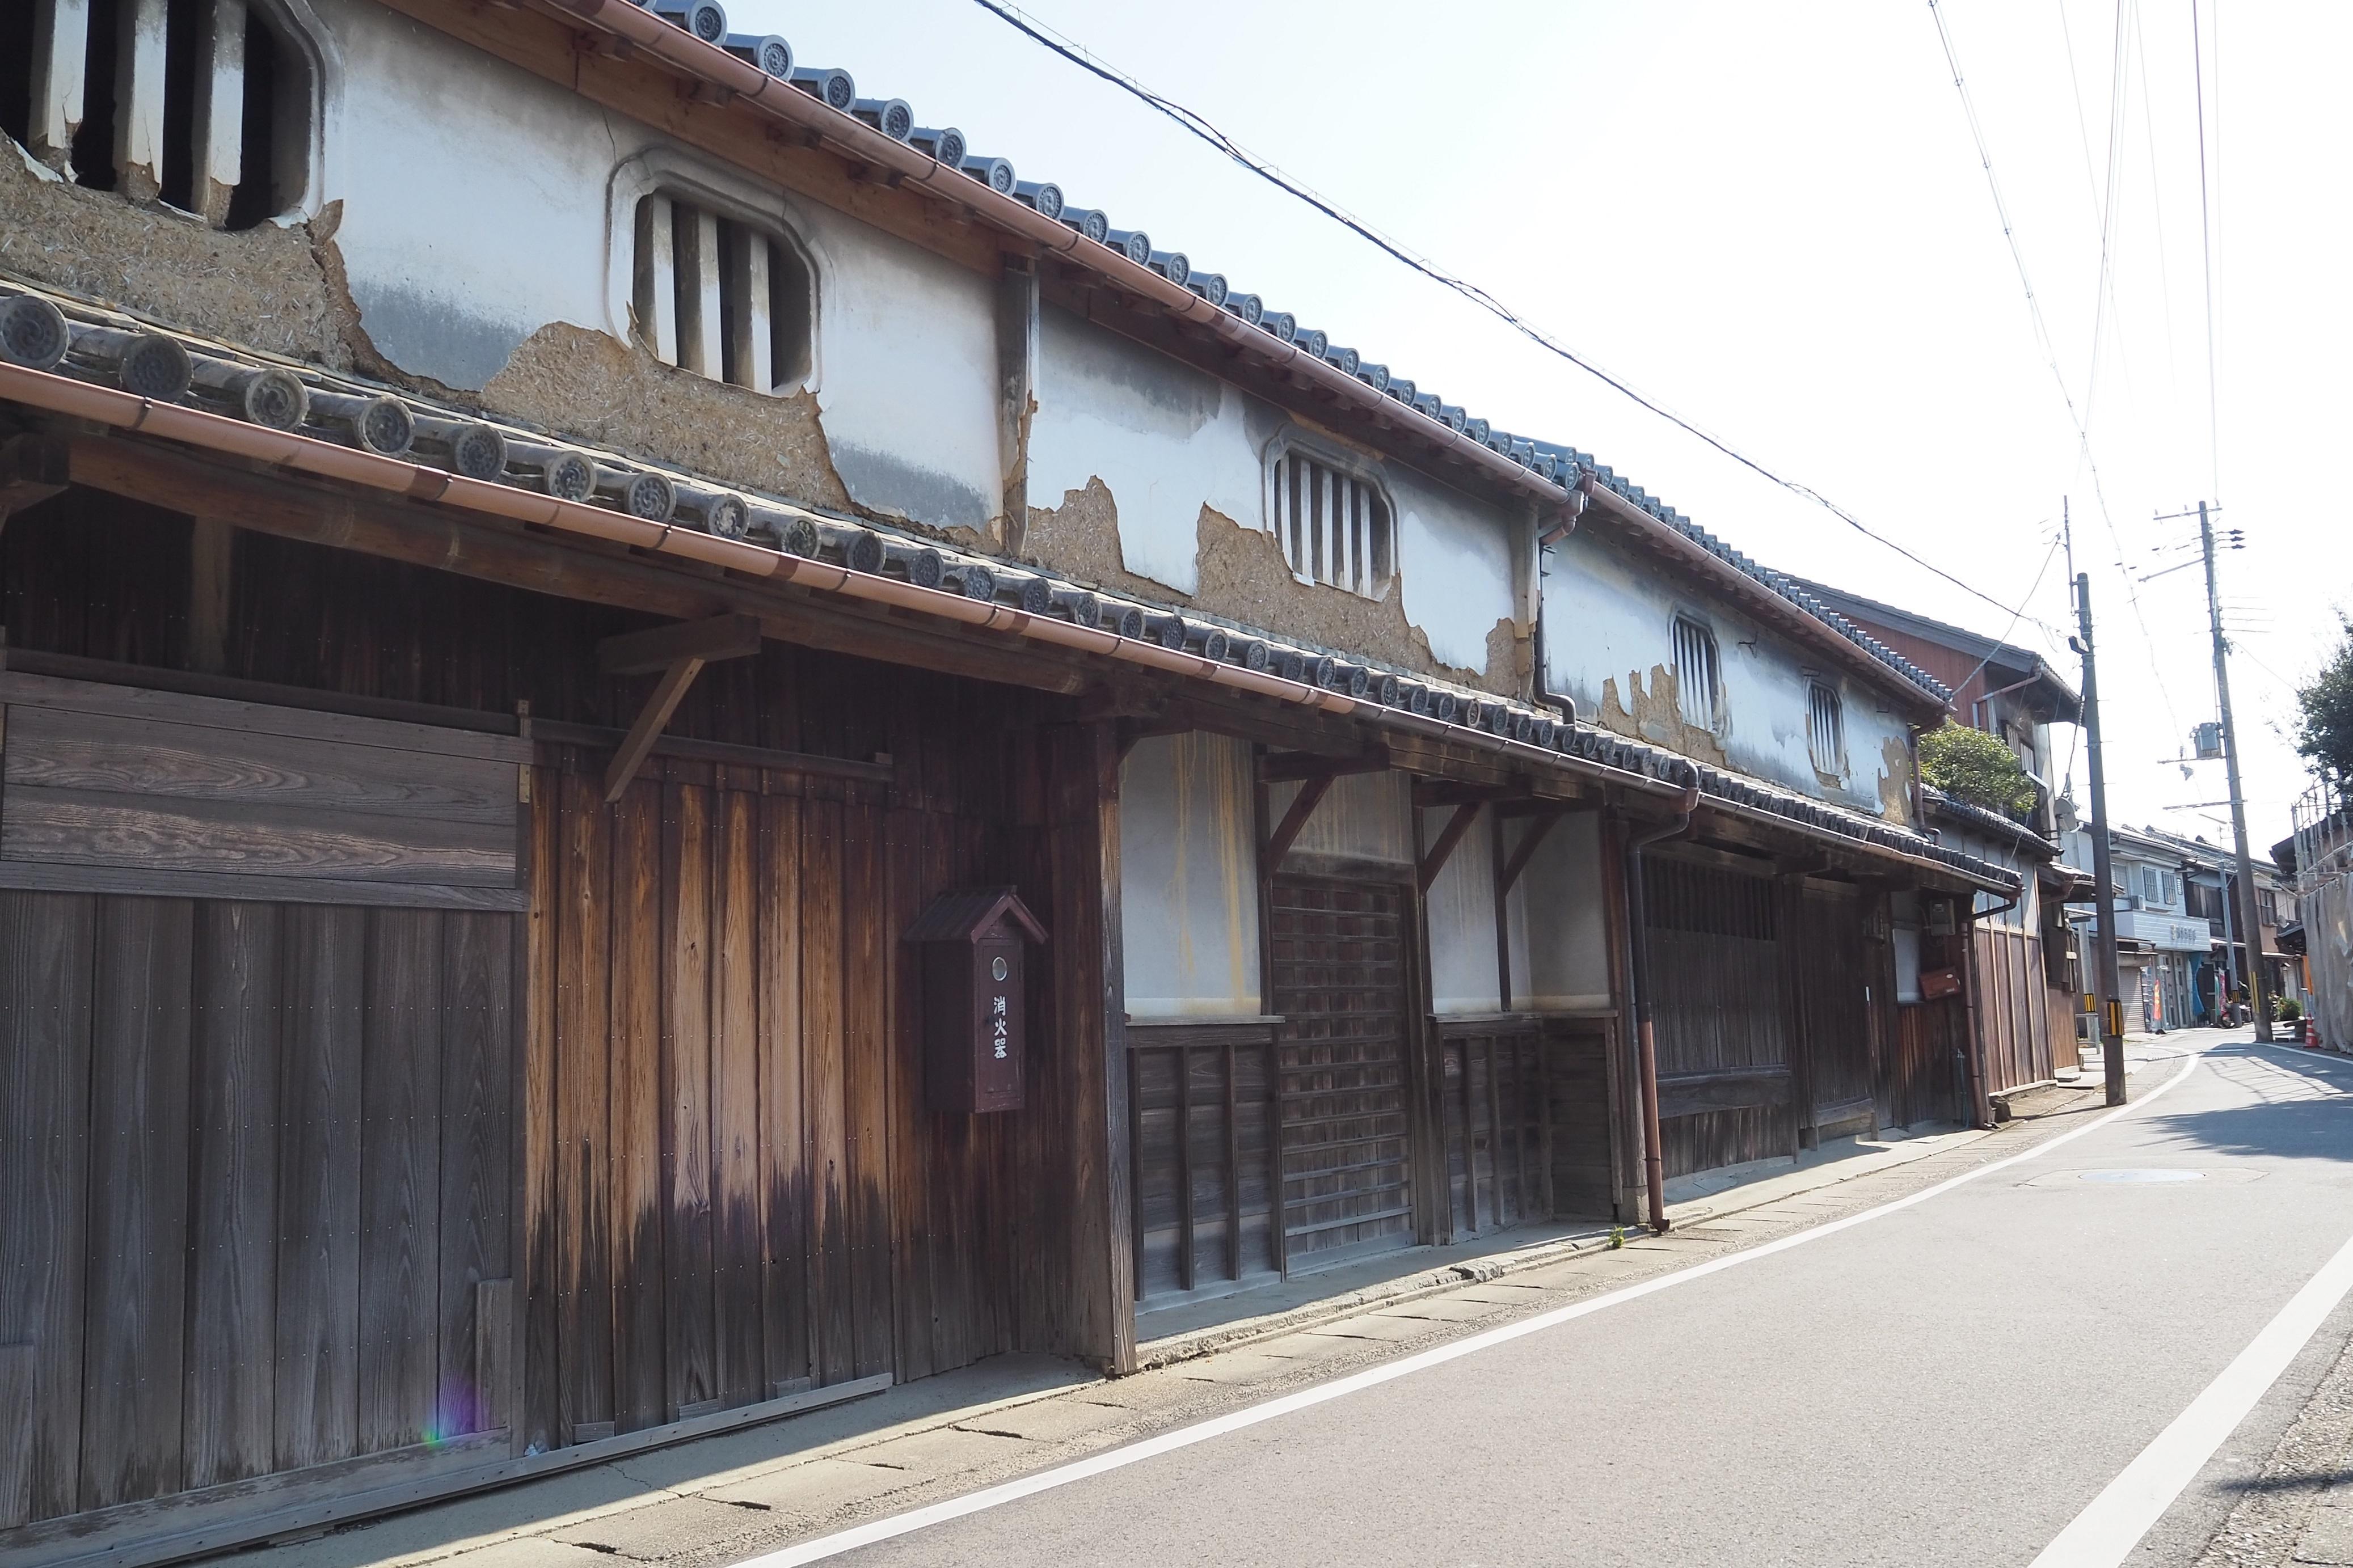 harleydavidson-motorcycle-touring-blog-wakayama-yuasatown-oldtown.jpg